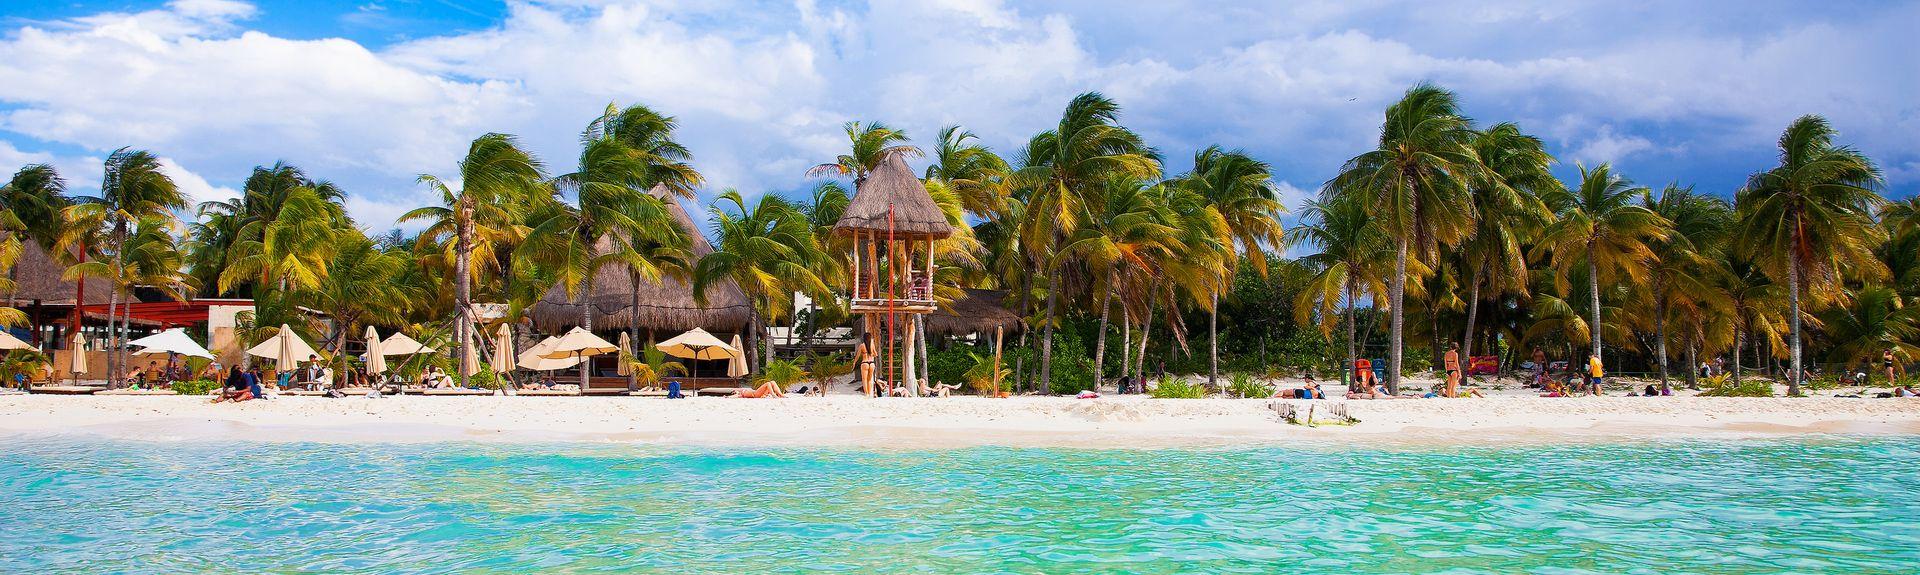 Isla Mujeres, Isla Mujeres, Quintana Roo, Mexique